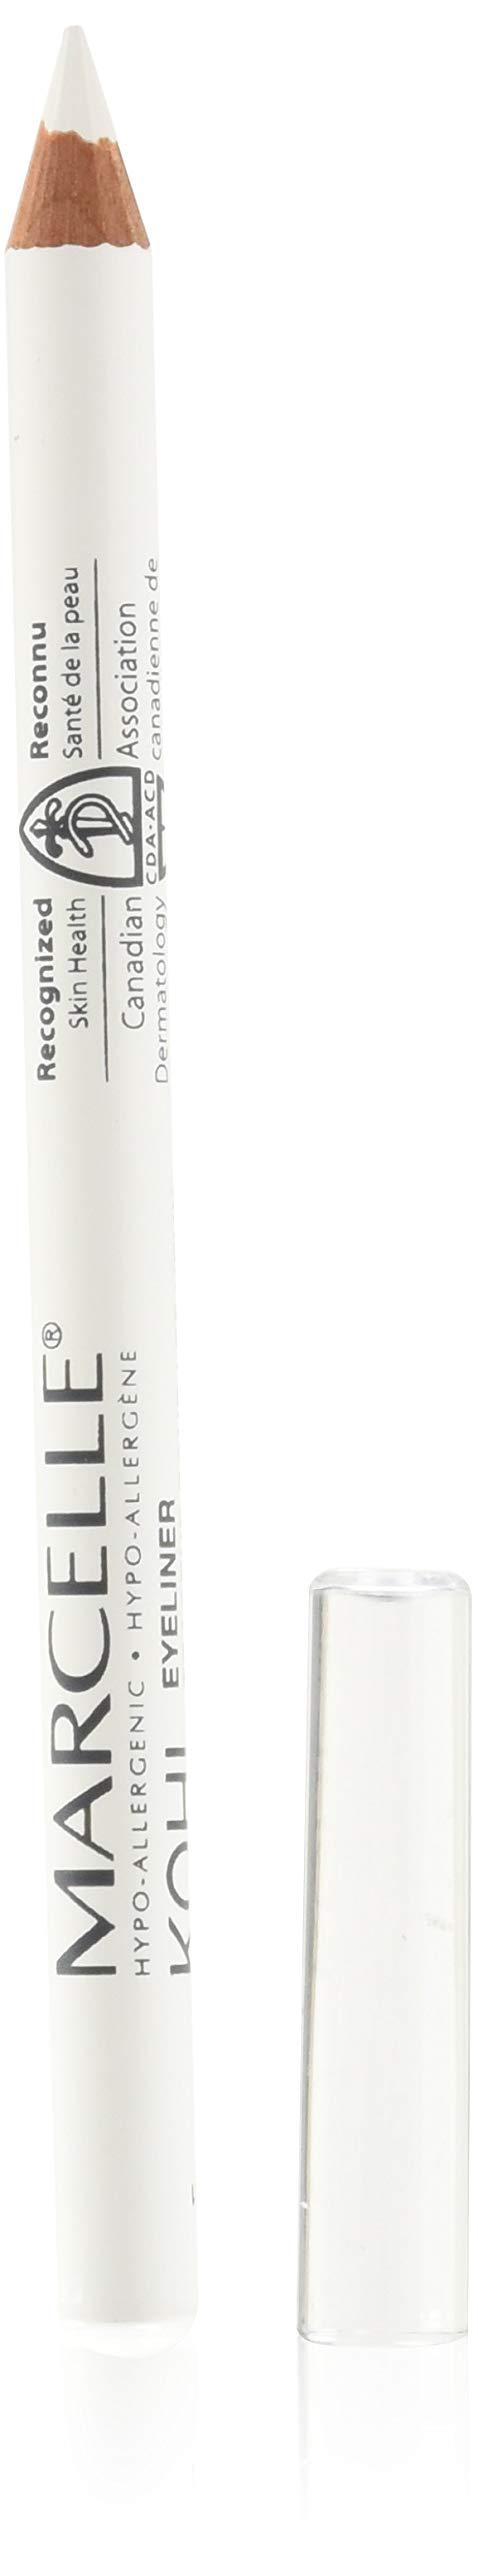 Marcelle Kohl Eyeliner, White, Hypoallergenic and Fragrance-Free, 0.04 oz